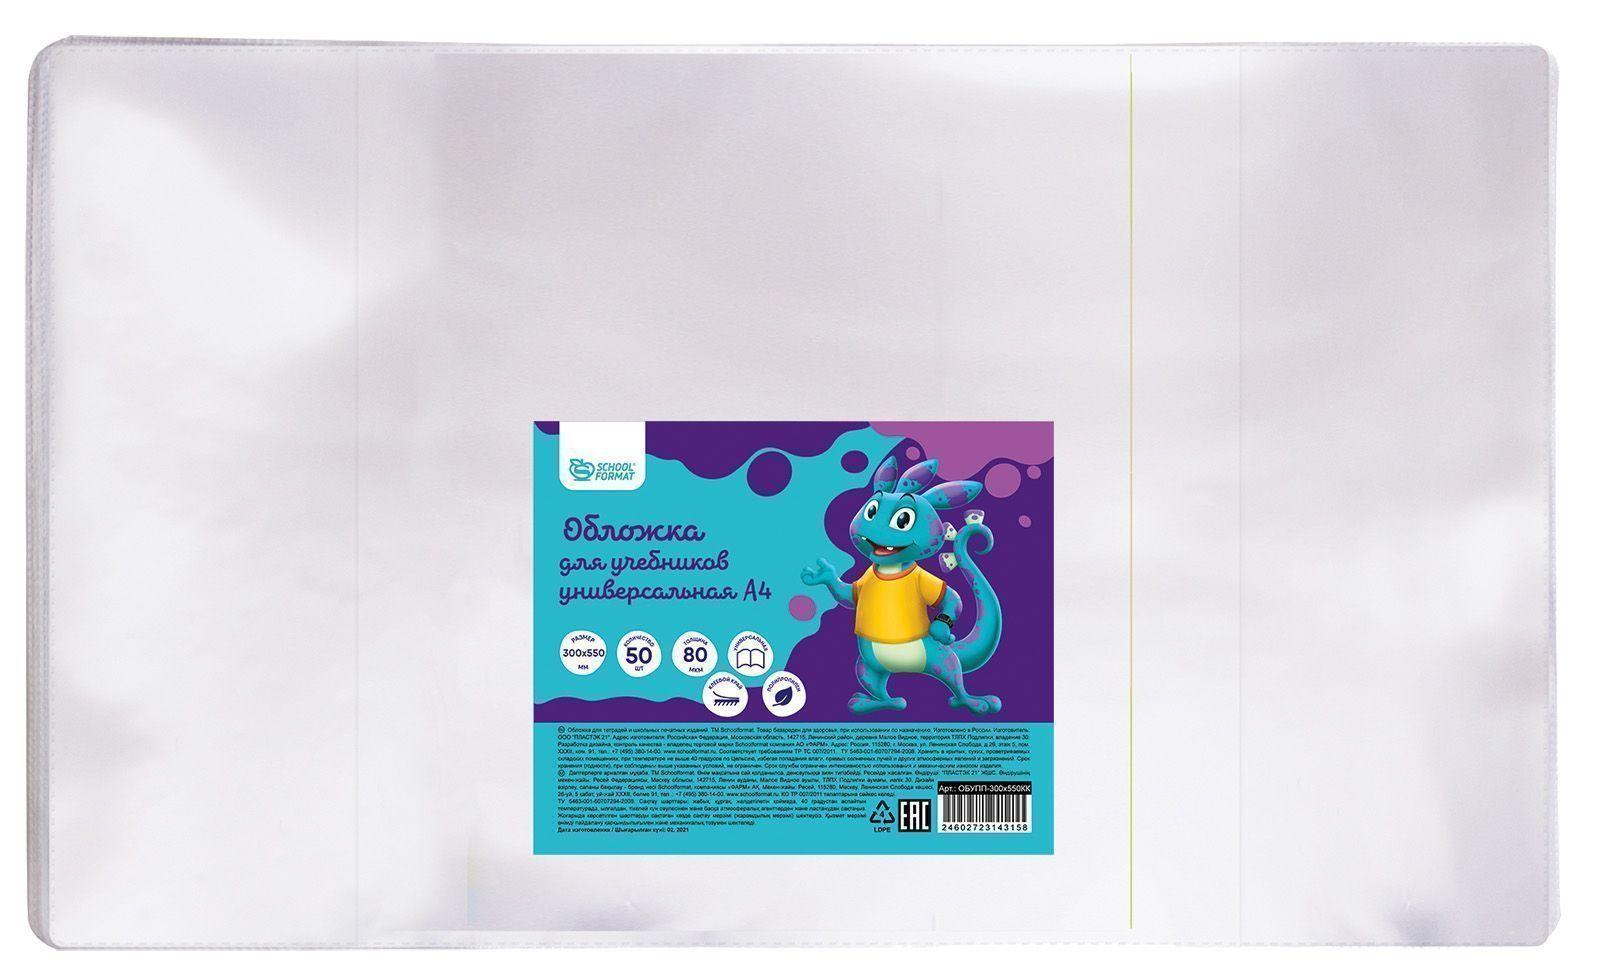 Обложка для учебников и тетрадей формата А4 ПП 80 мкм Schoolformat 300х550 мм универсальная клеевой край 50 шт индив.штрих-код